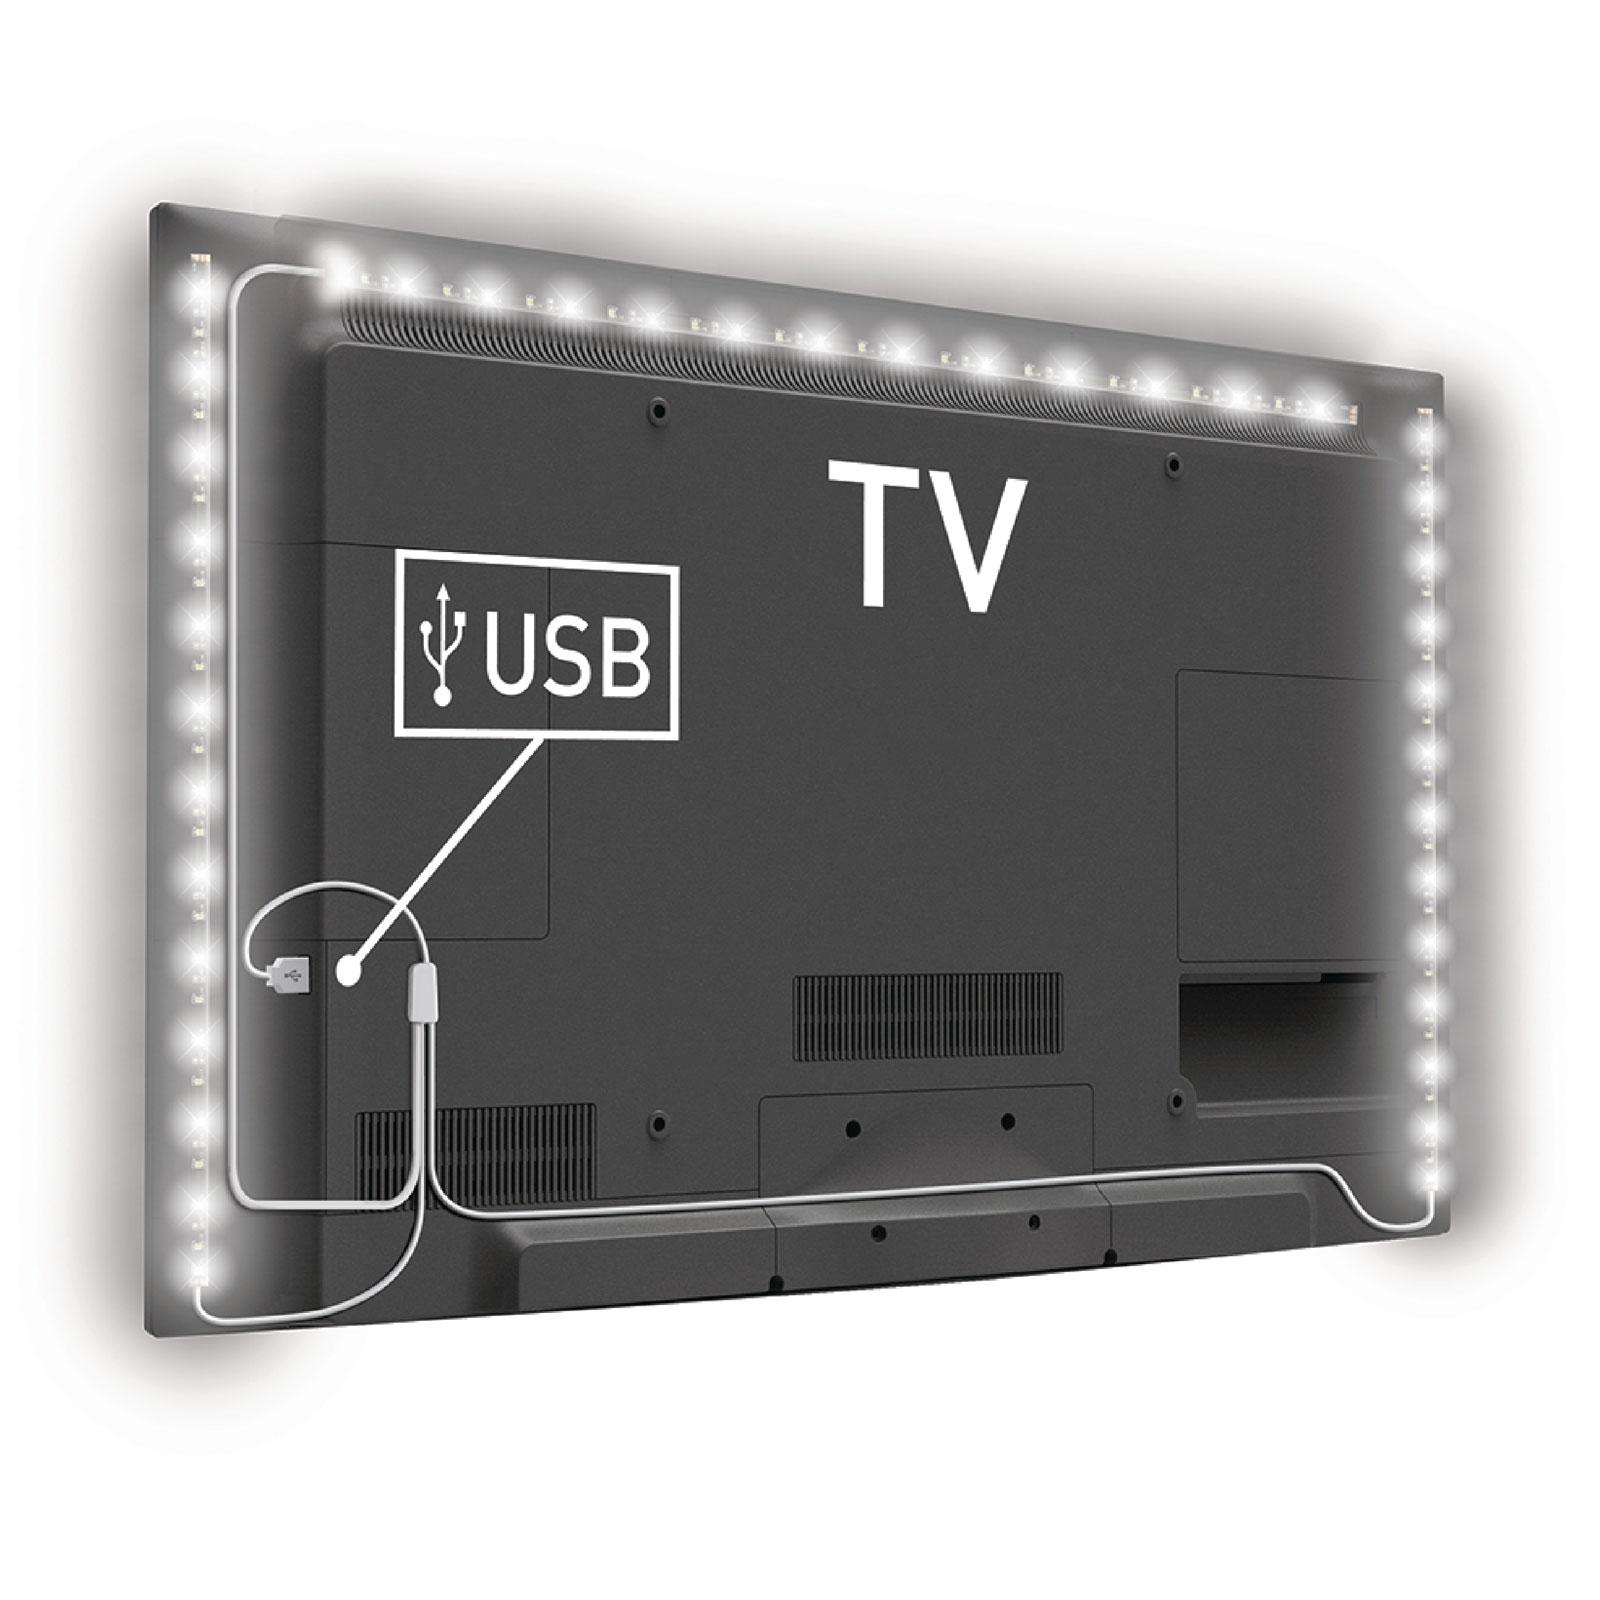 k nig usb tv mood light knm ml3wd usb k nig sur. Black Bedroom Furniture Sets. Home Design Ideas